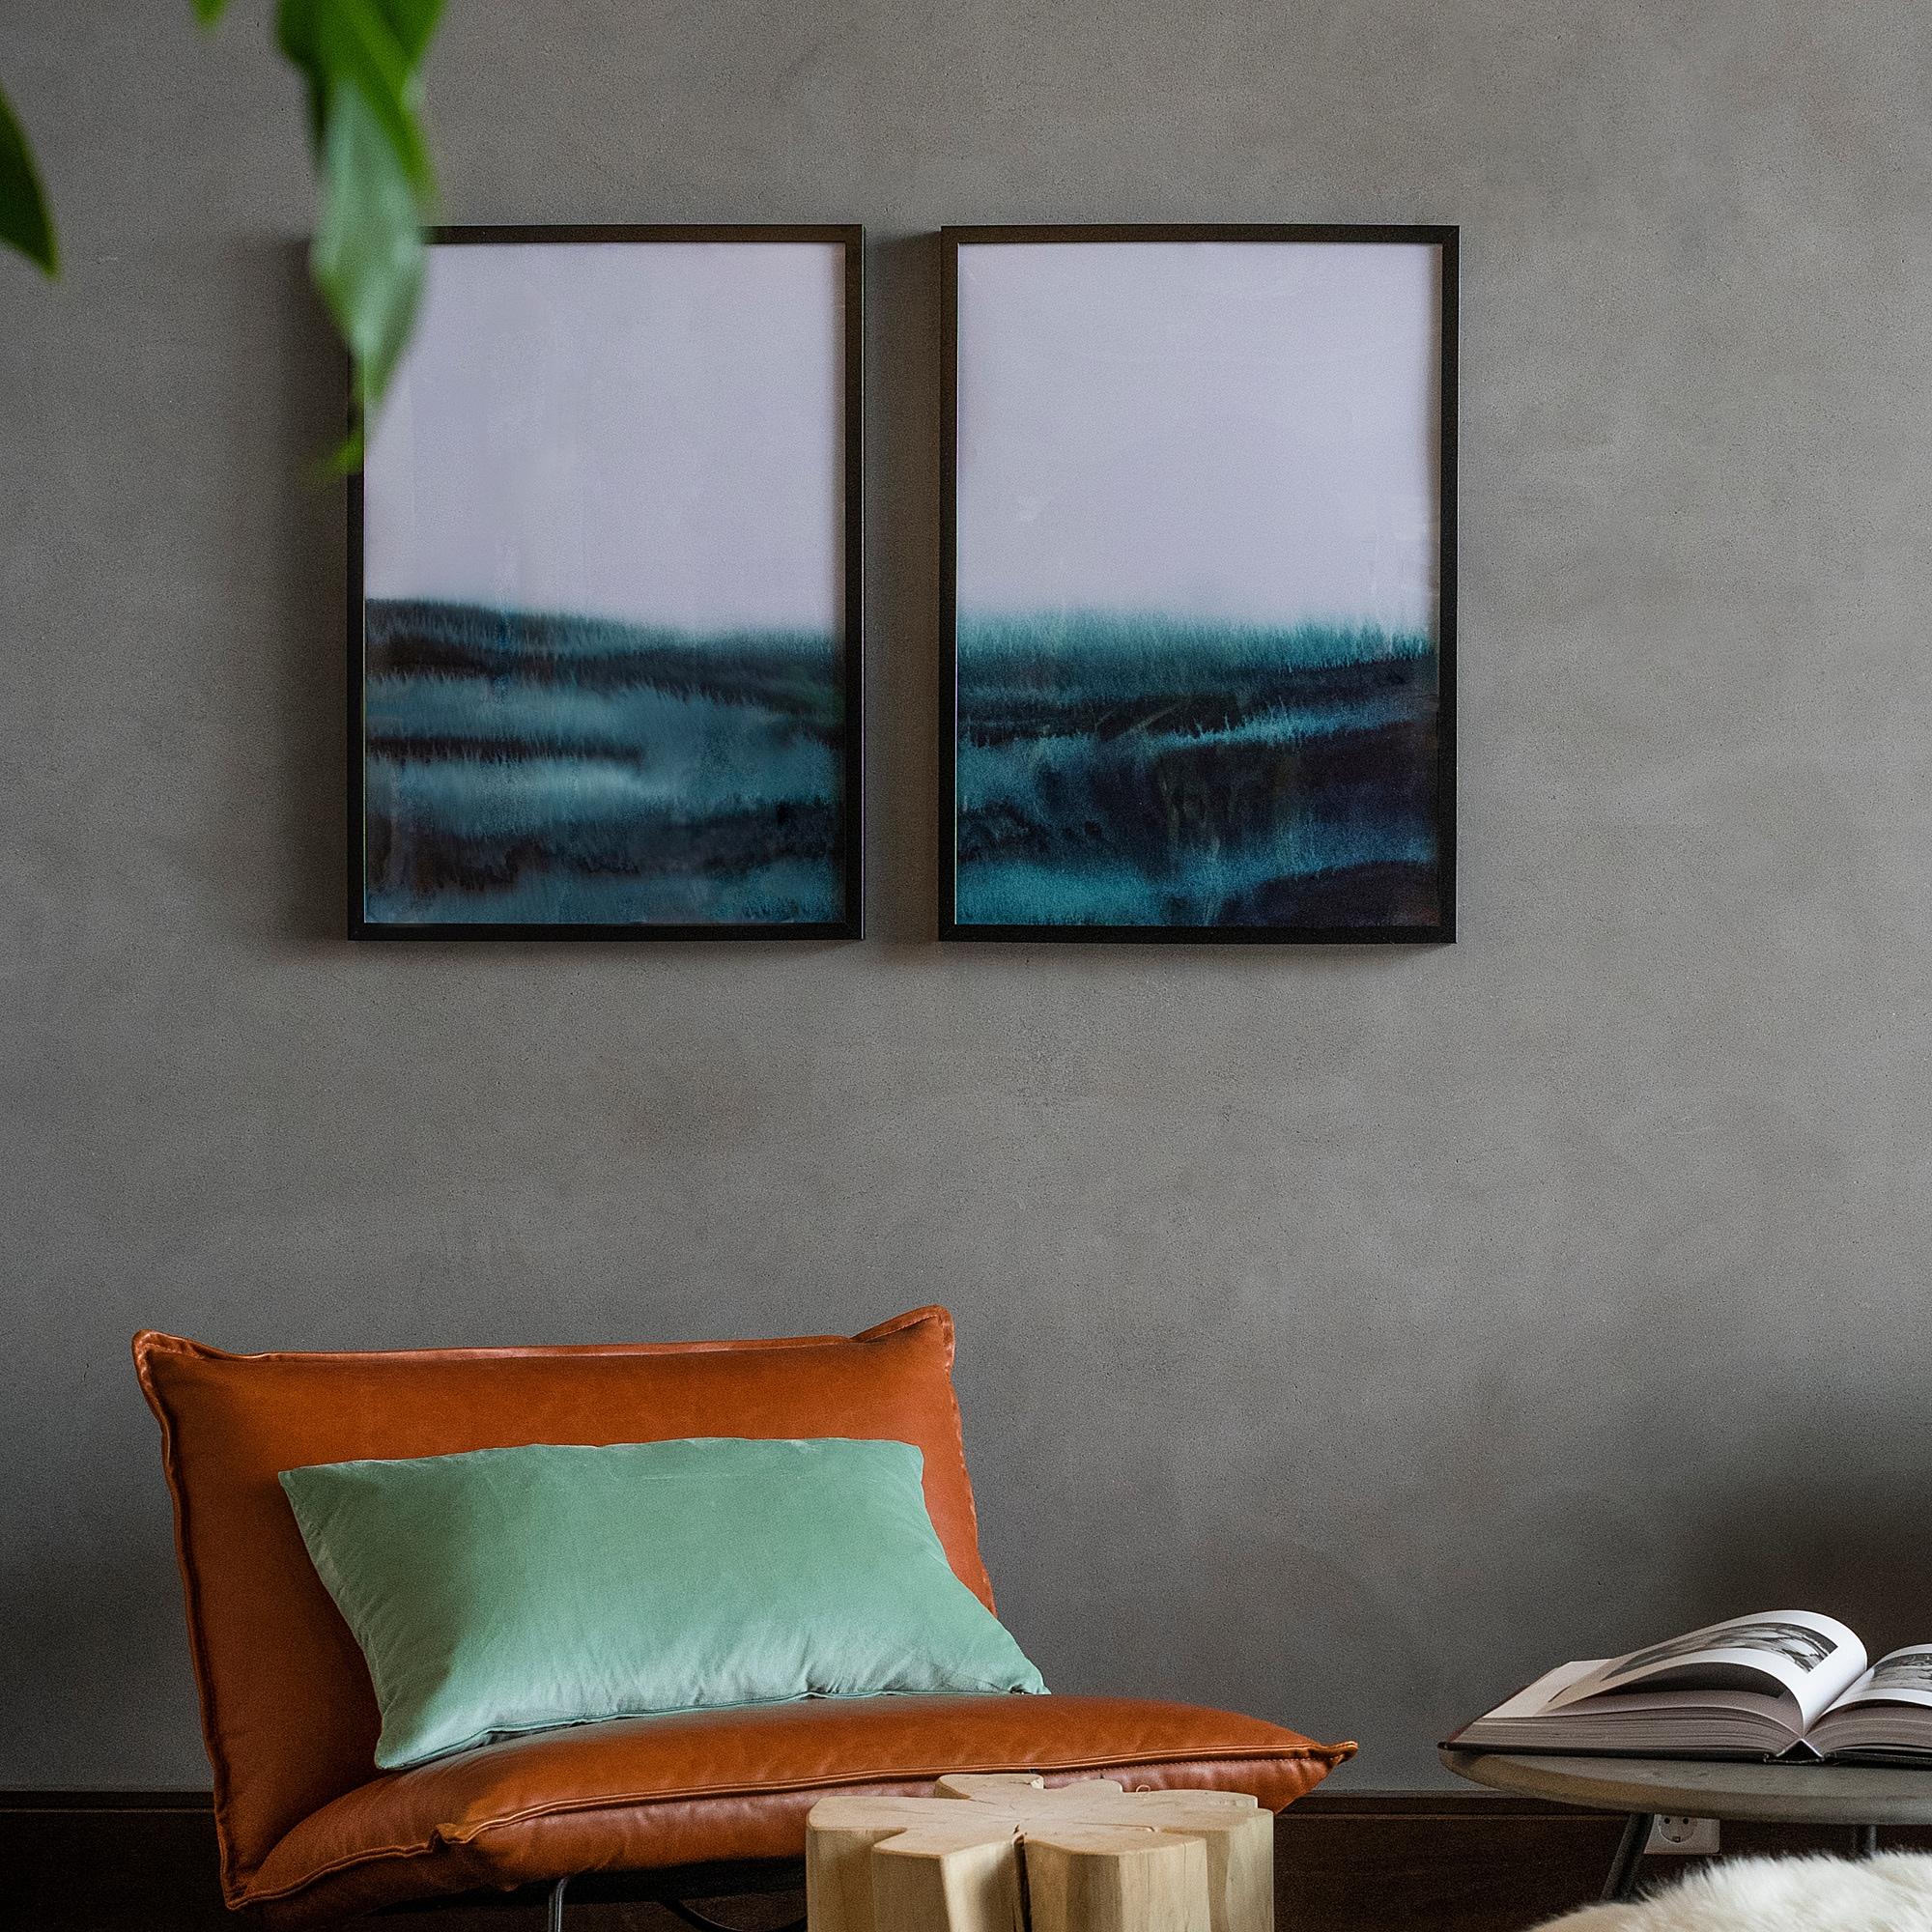 US Furniture and Home Furnishings Ribba frame, Ikea